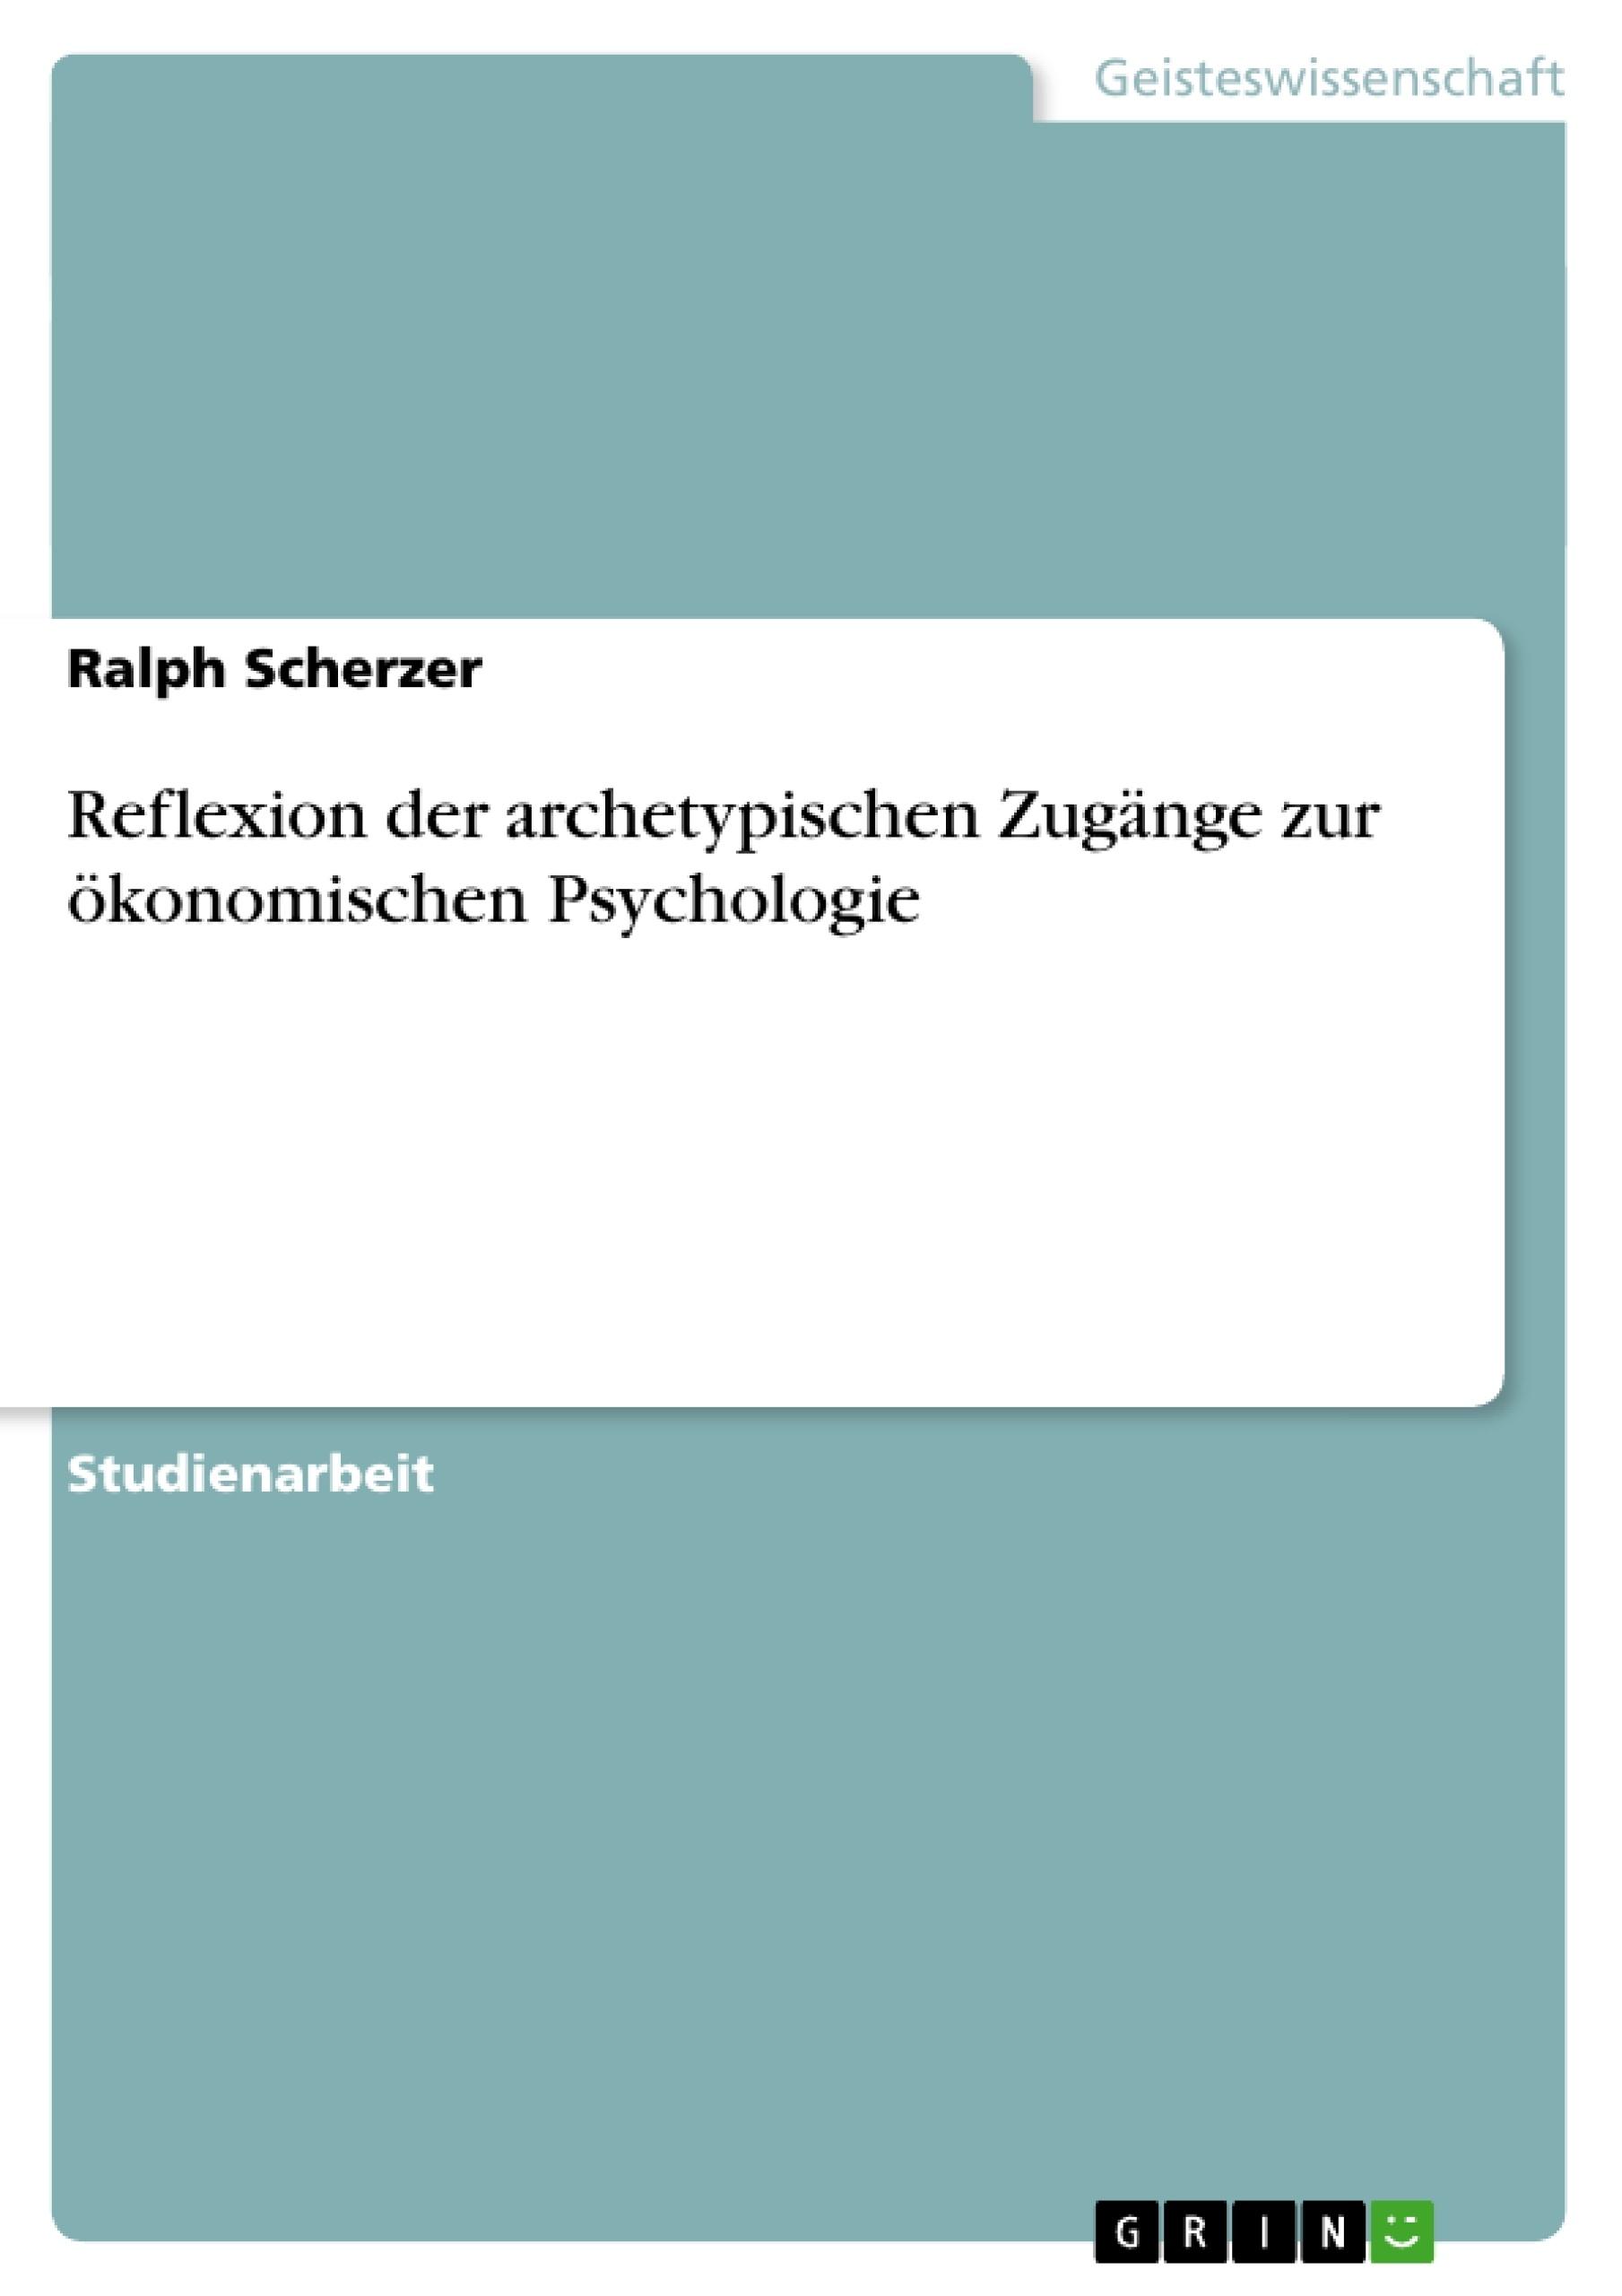 Titel: Reflexion der archetypischen Zugänge zur ökonomischen Psychologie